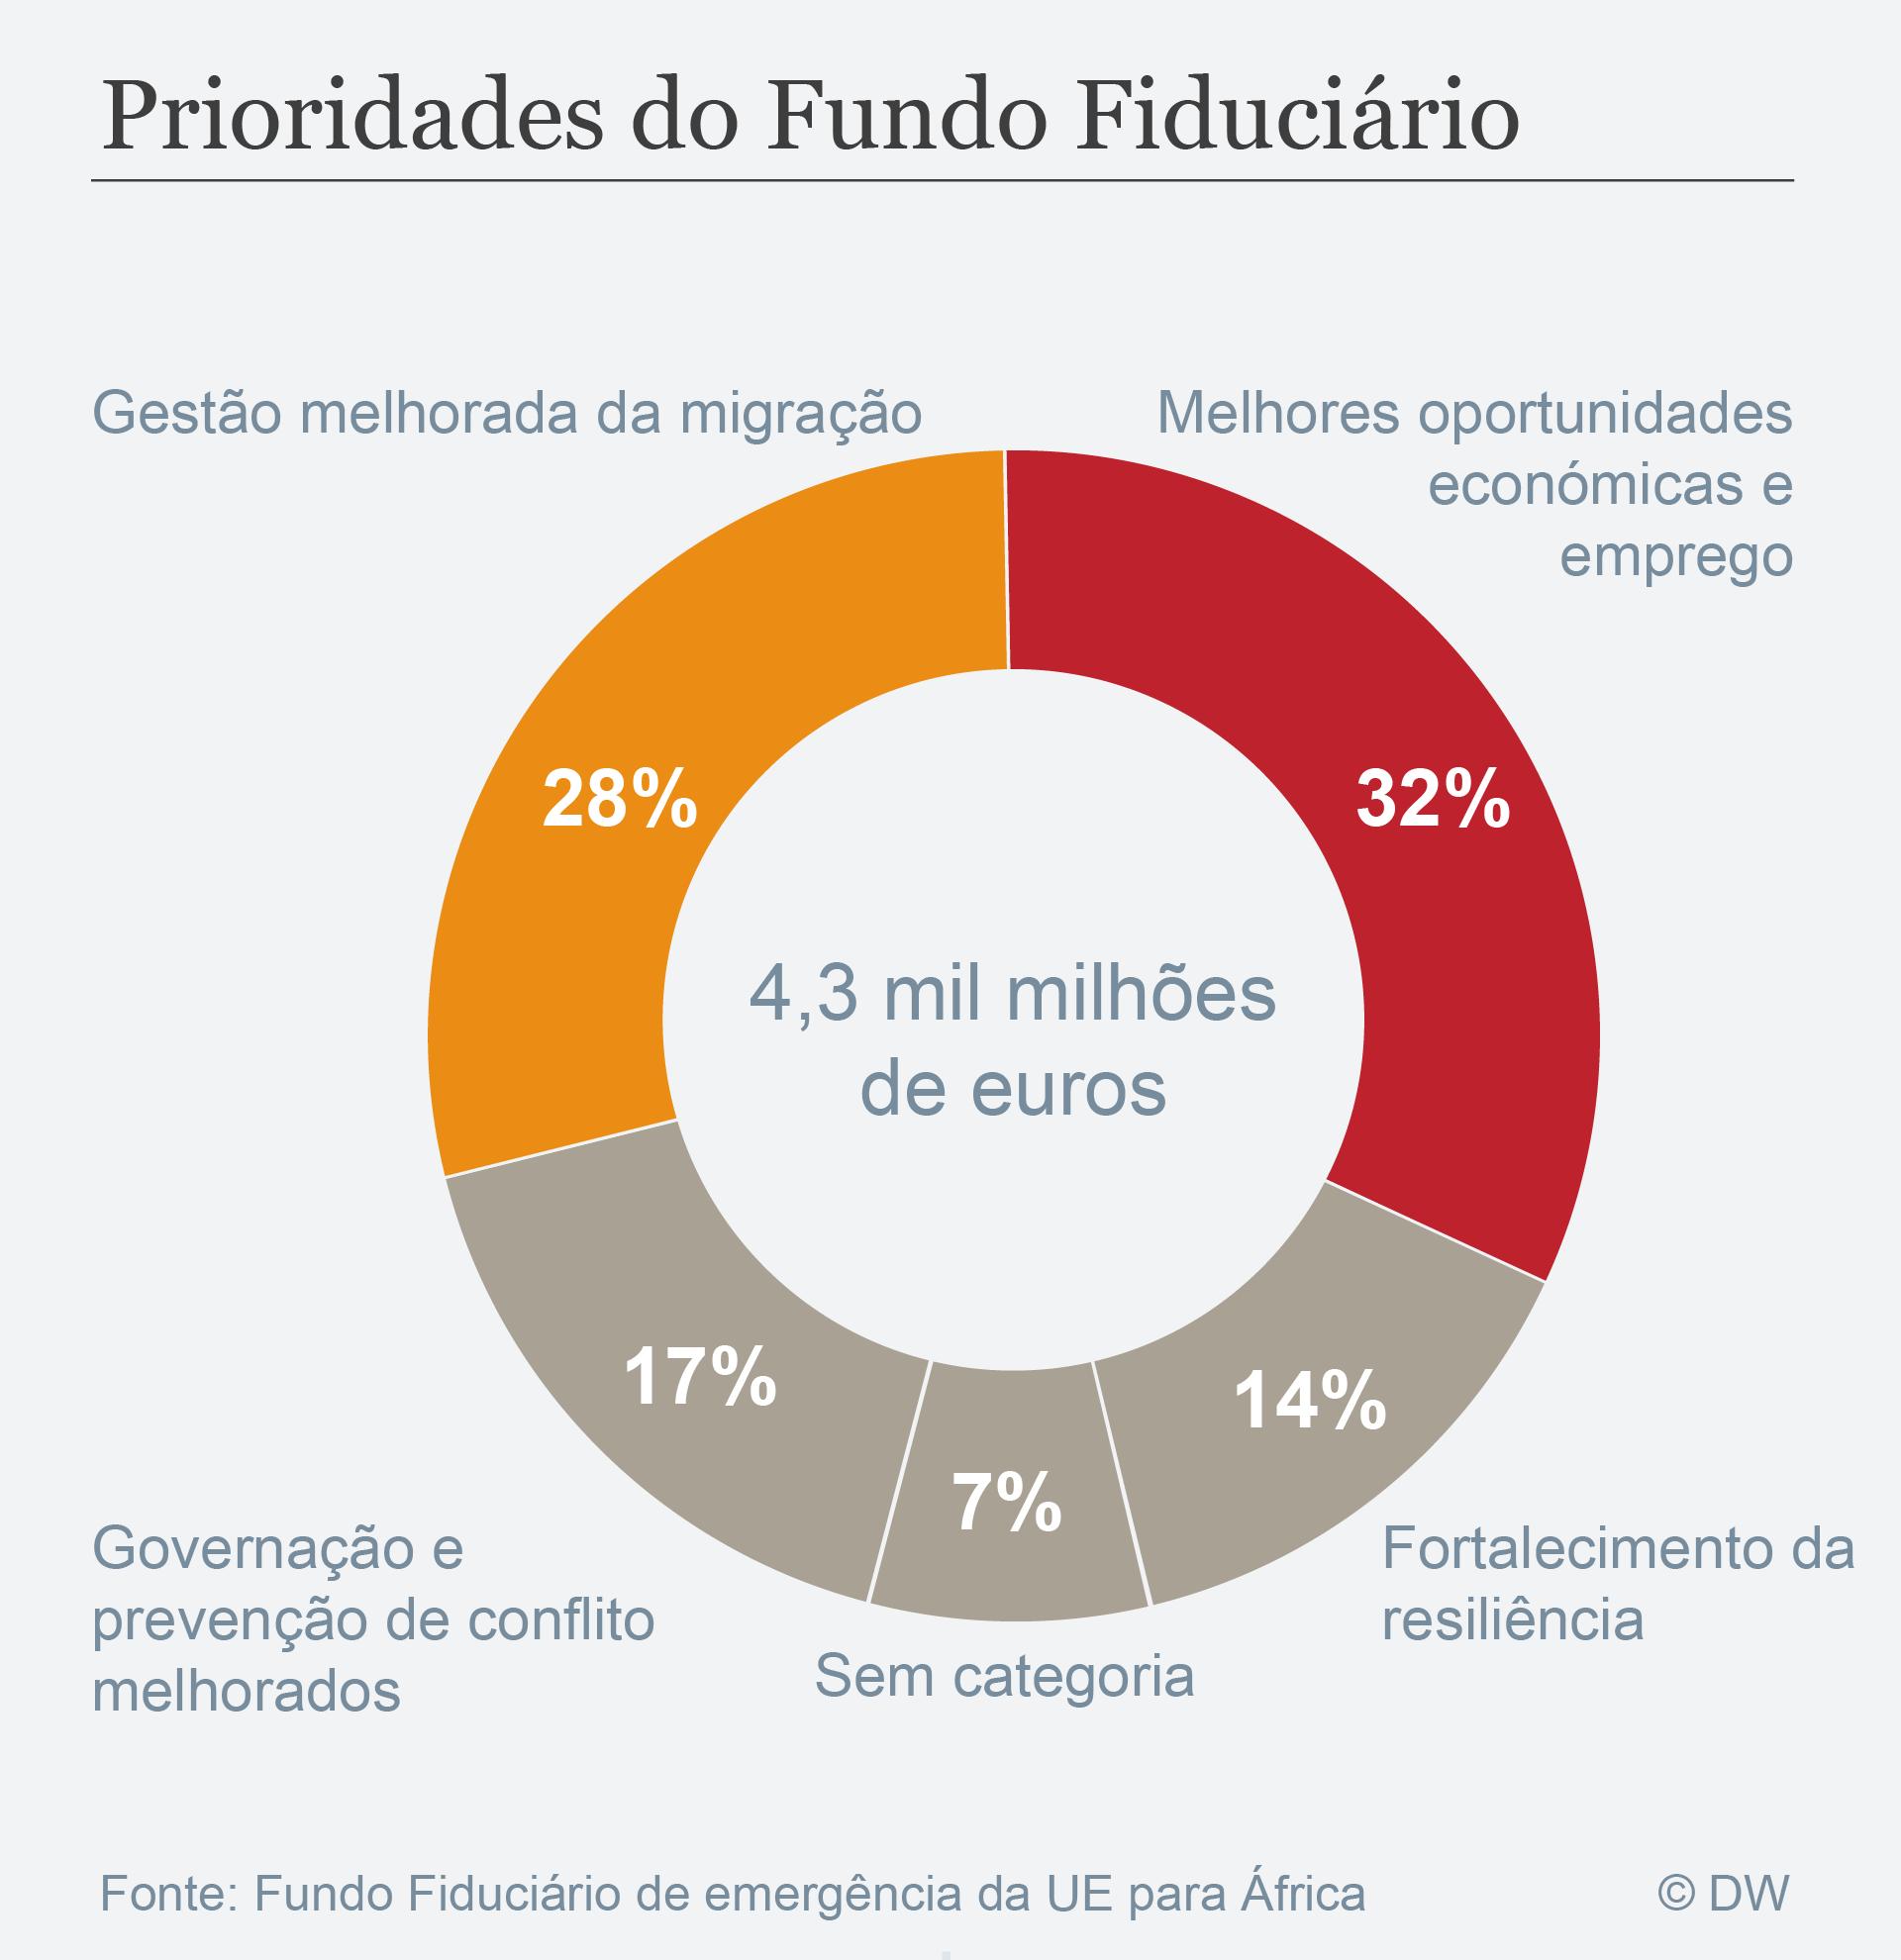 Datenvisualisierung Portugiesisch Prioridades do Fundo Fiduciário